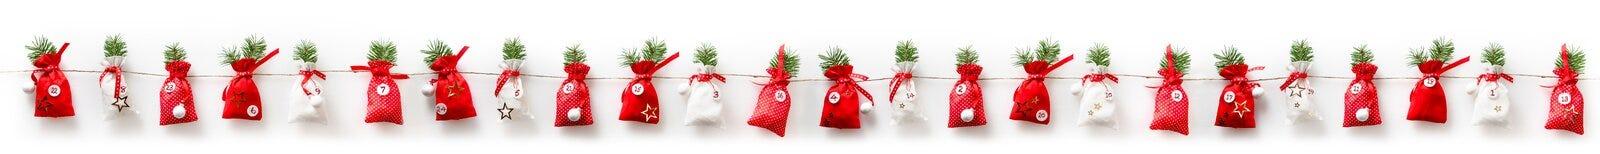 De kalender van de Kerstmiskomst vulde op een rij 24 sachets Stock Afbeelding